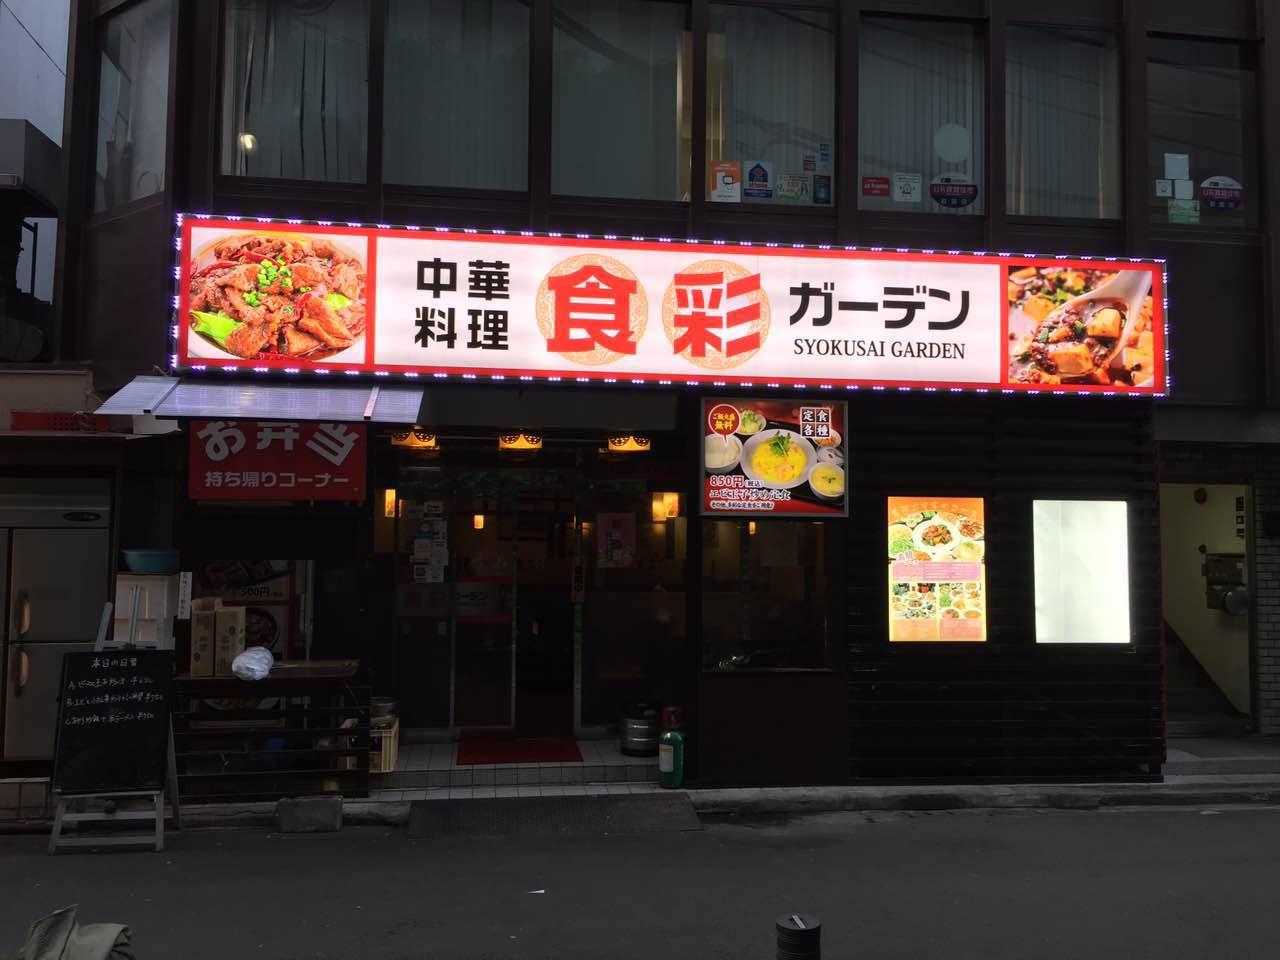 中華料理看板-ガラスサイン/スタンド看板/プレート看板/壁面ファサード看板/盤面交換/インクジェット出力/袖看板